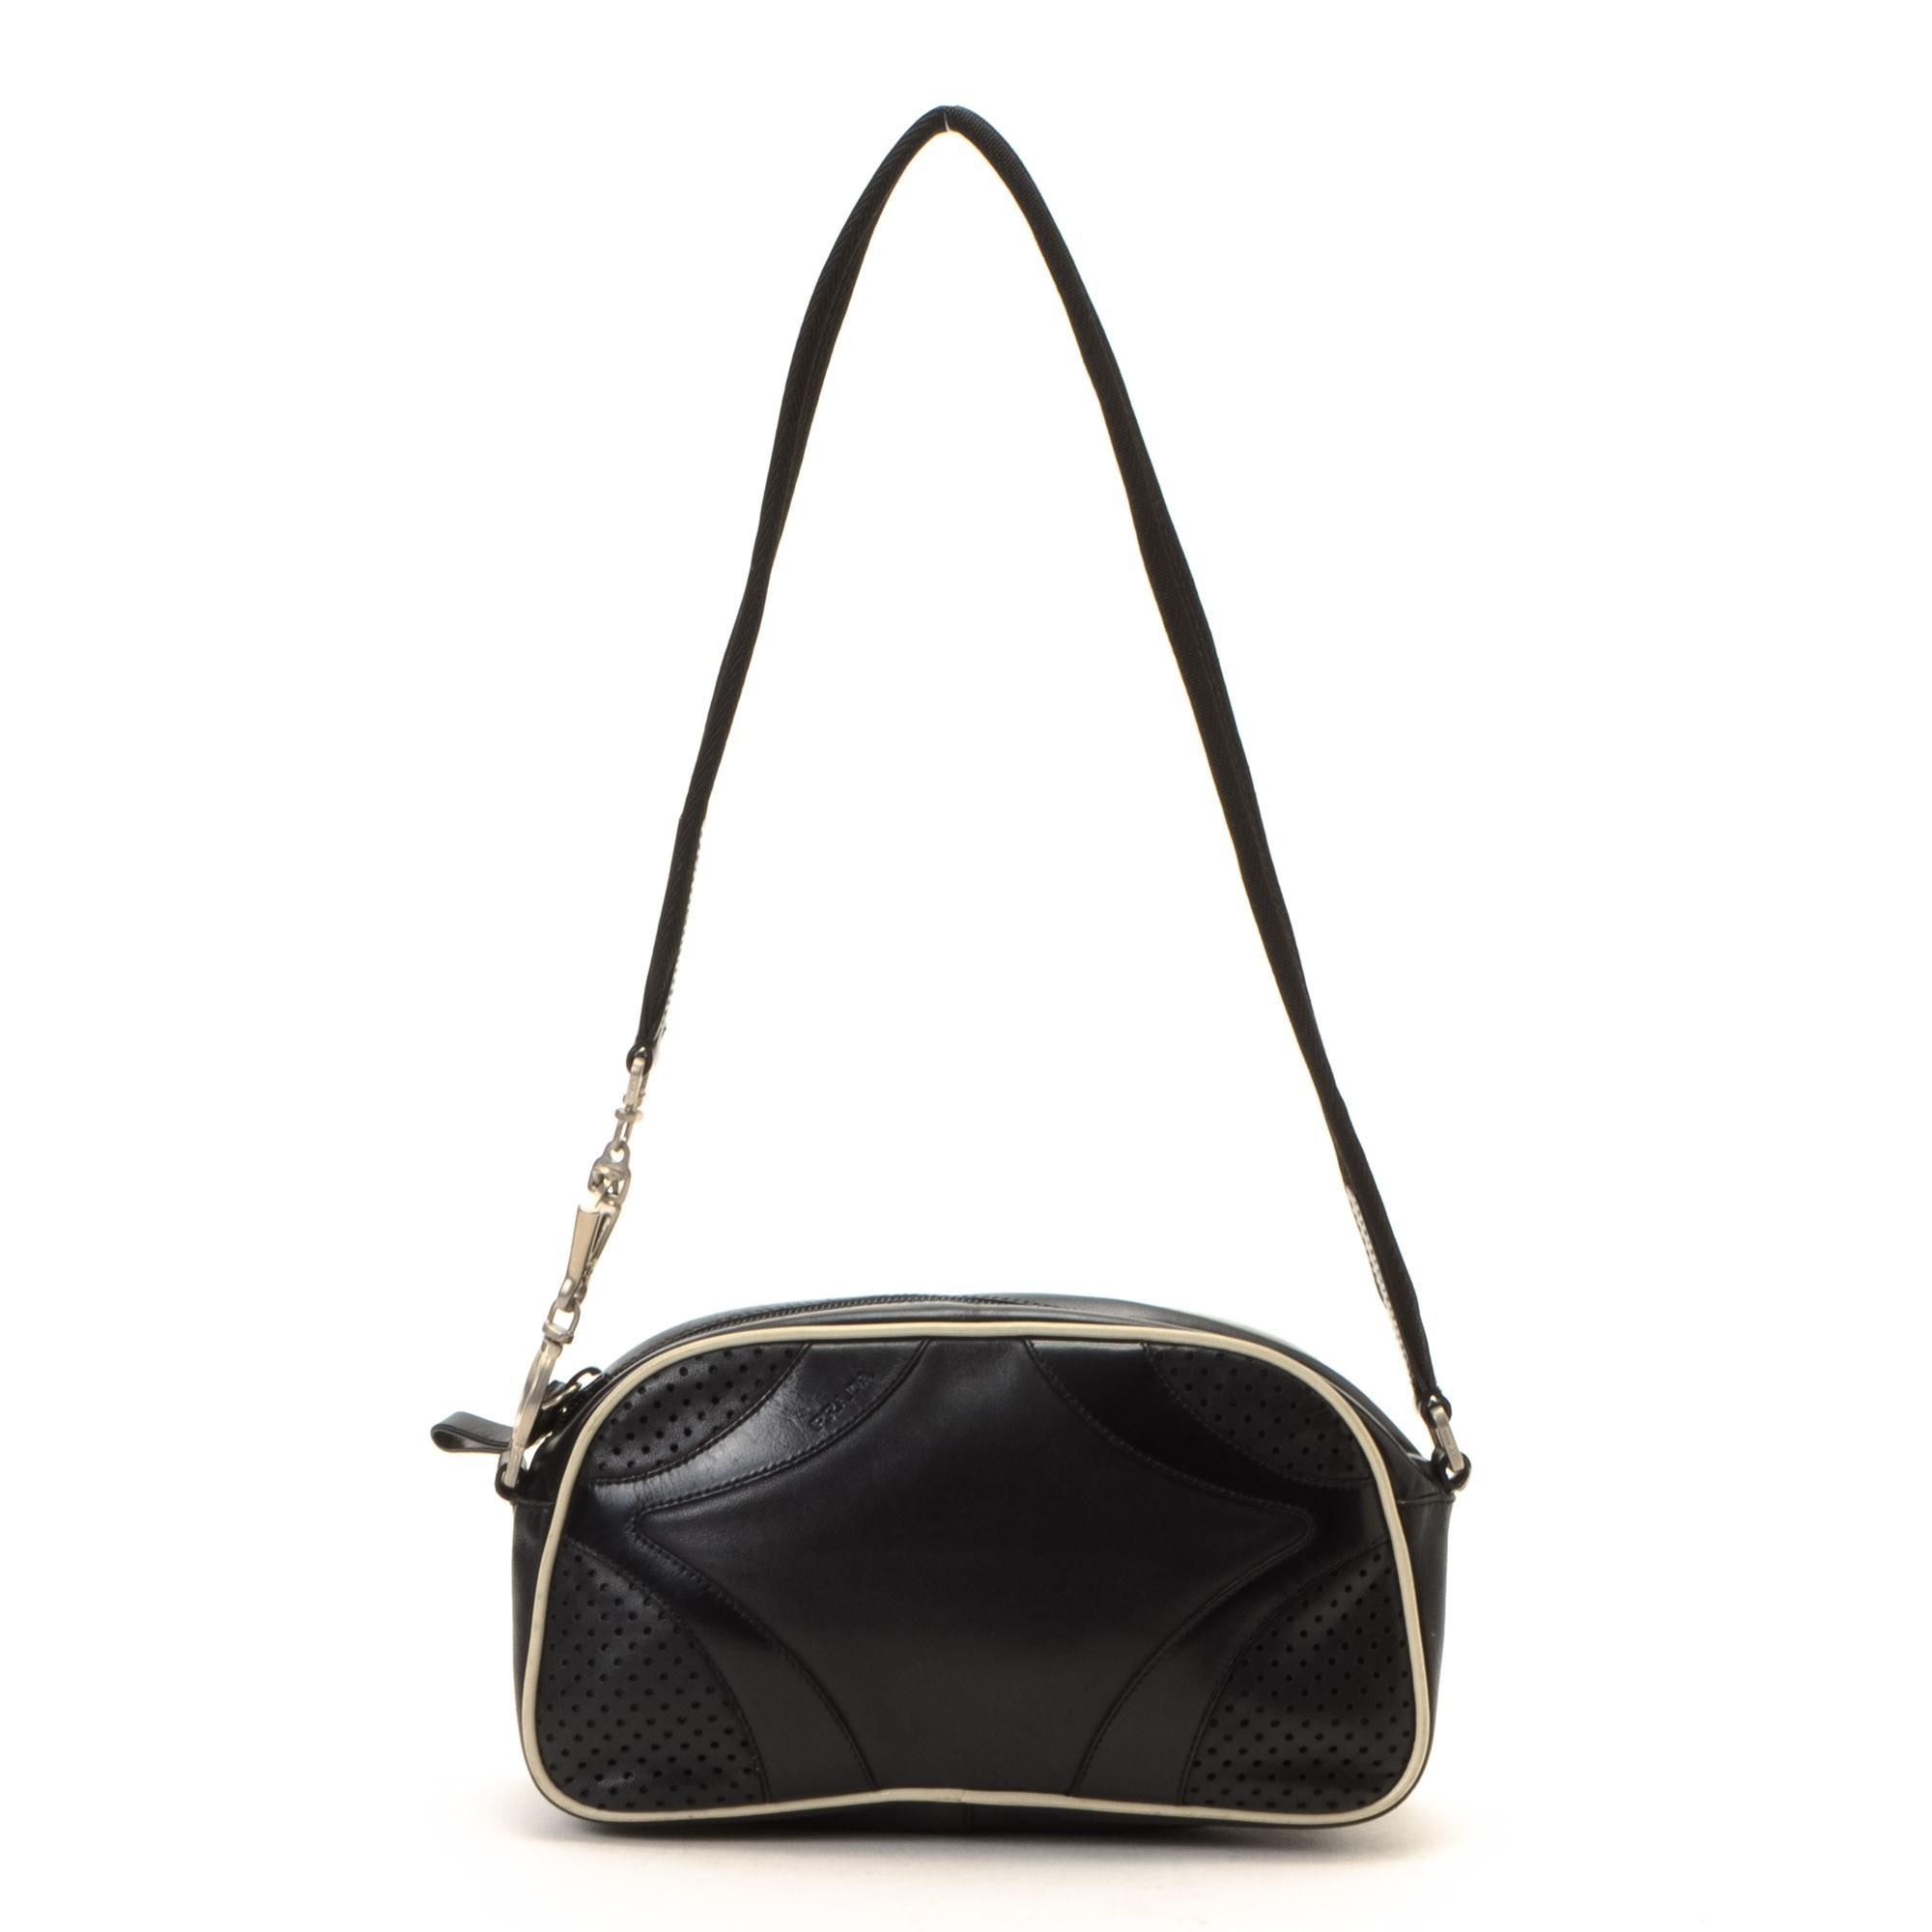 Prada Shoulder Bag Black Leather Shoulder Bag - LXR\u0026amp;CO Vintage Luxury